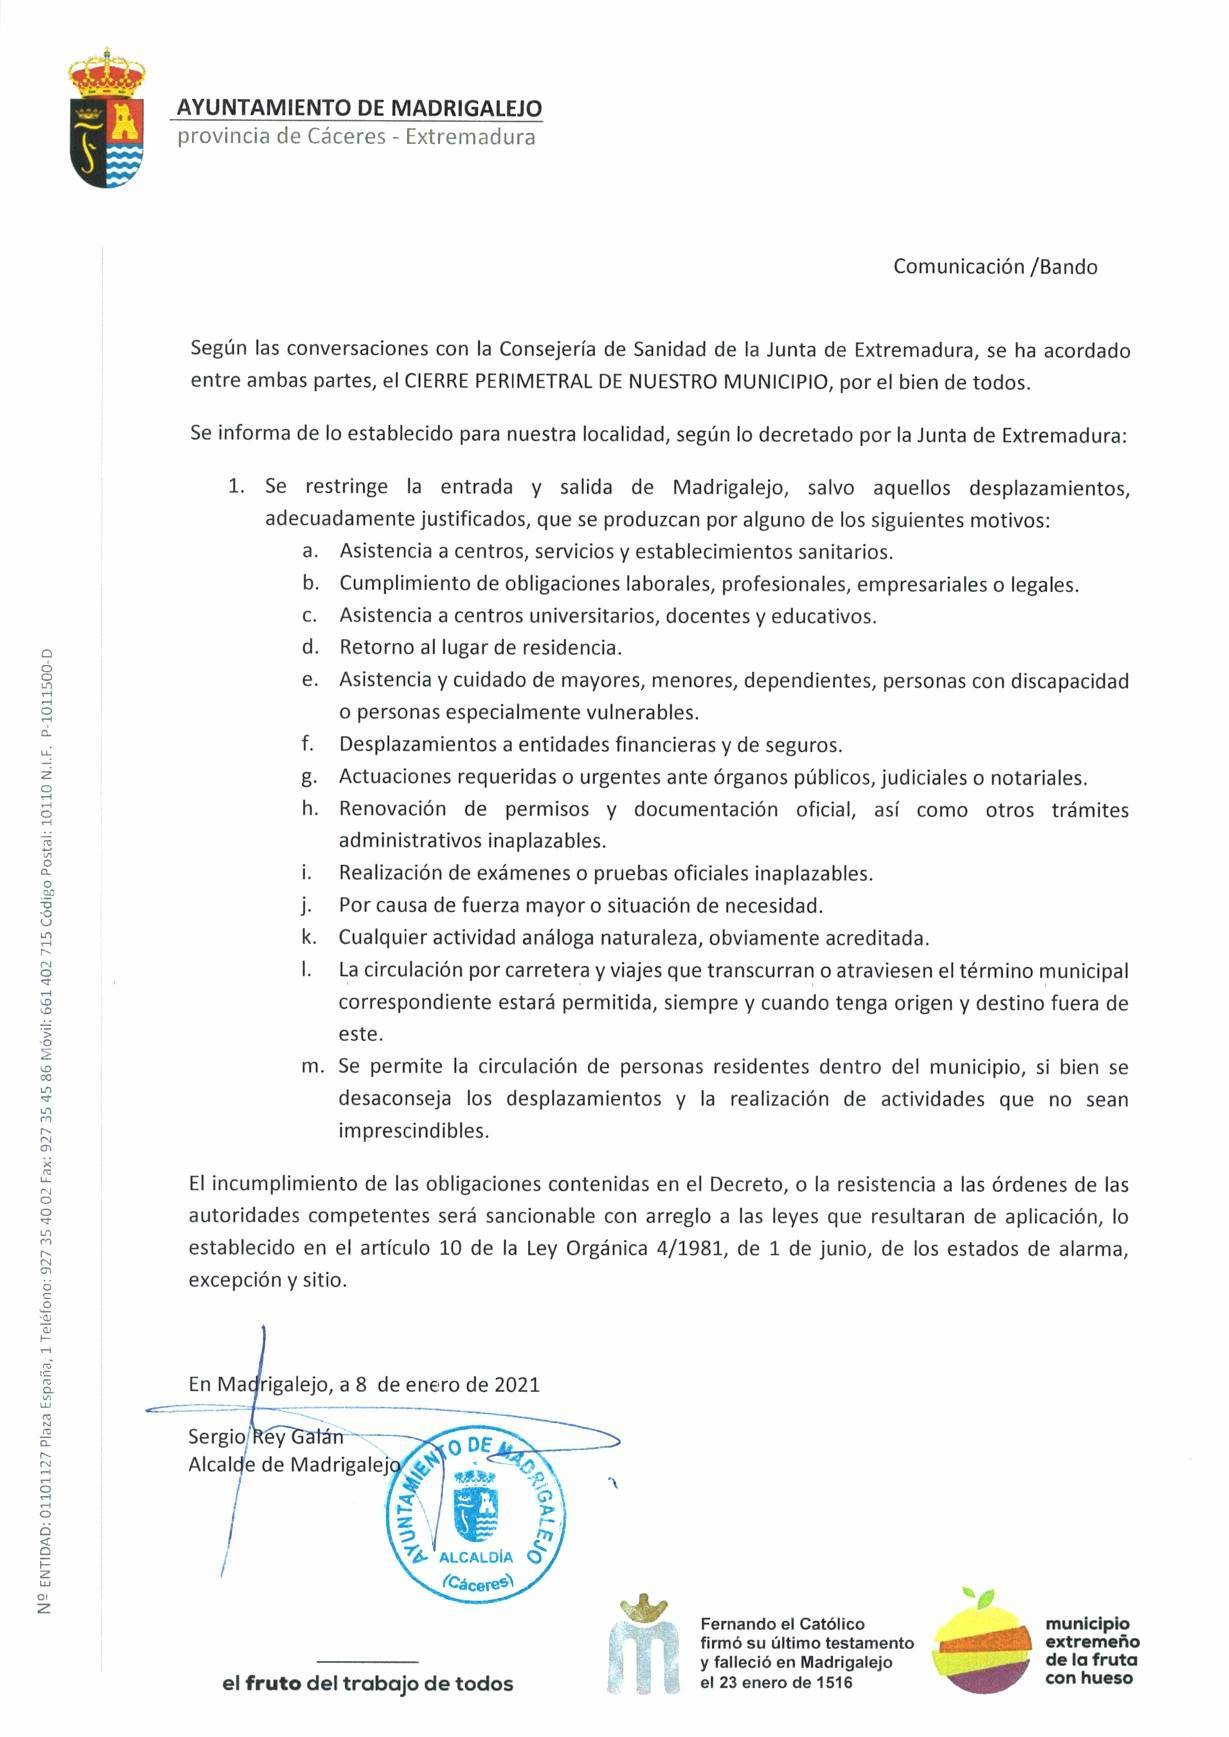 57 casos positivos y cierre perimetral por COVID-19 (enero 2021) - Madrigalejo (Cáceres) 2